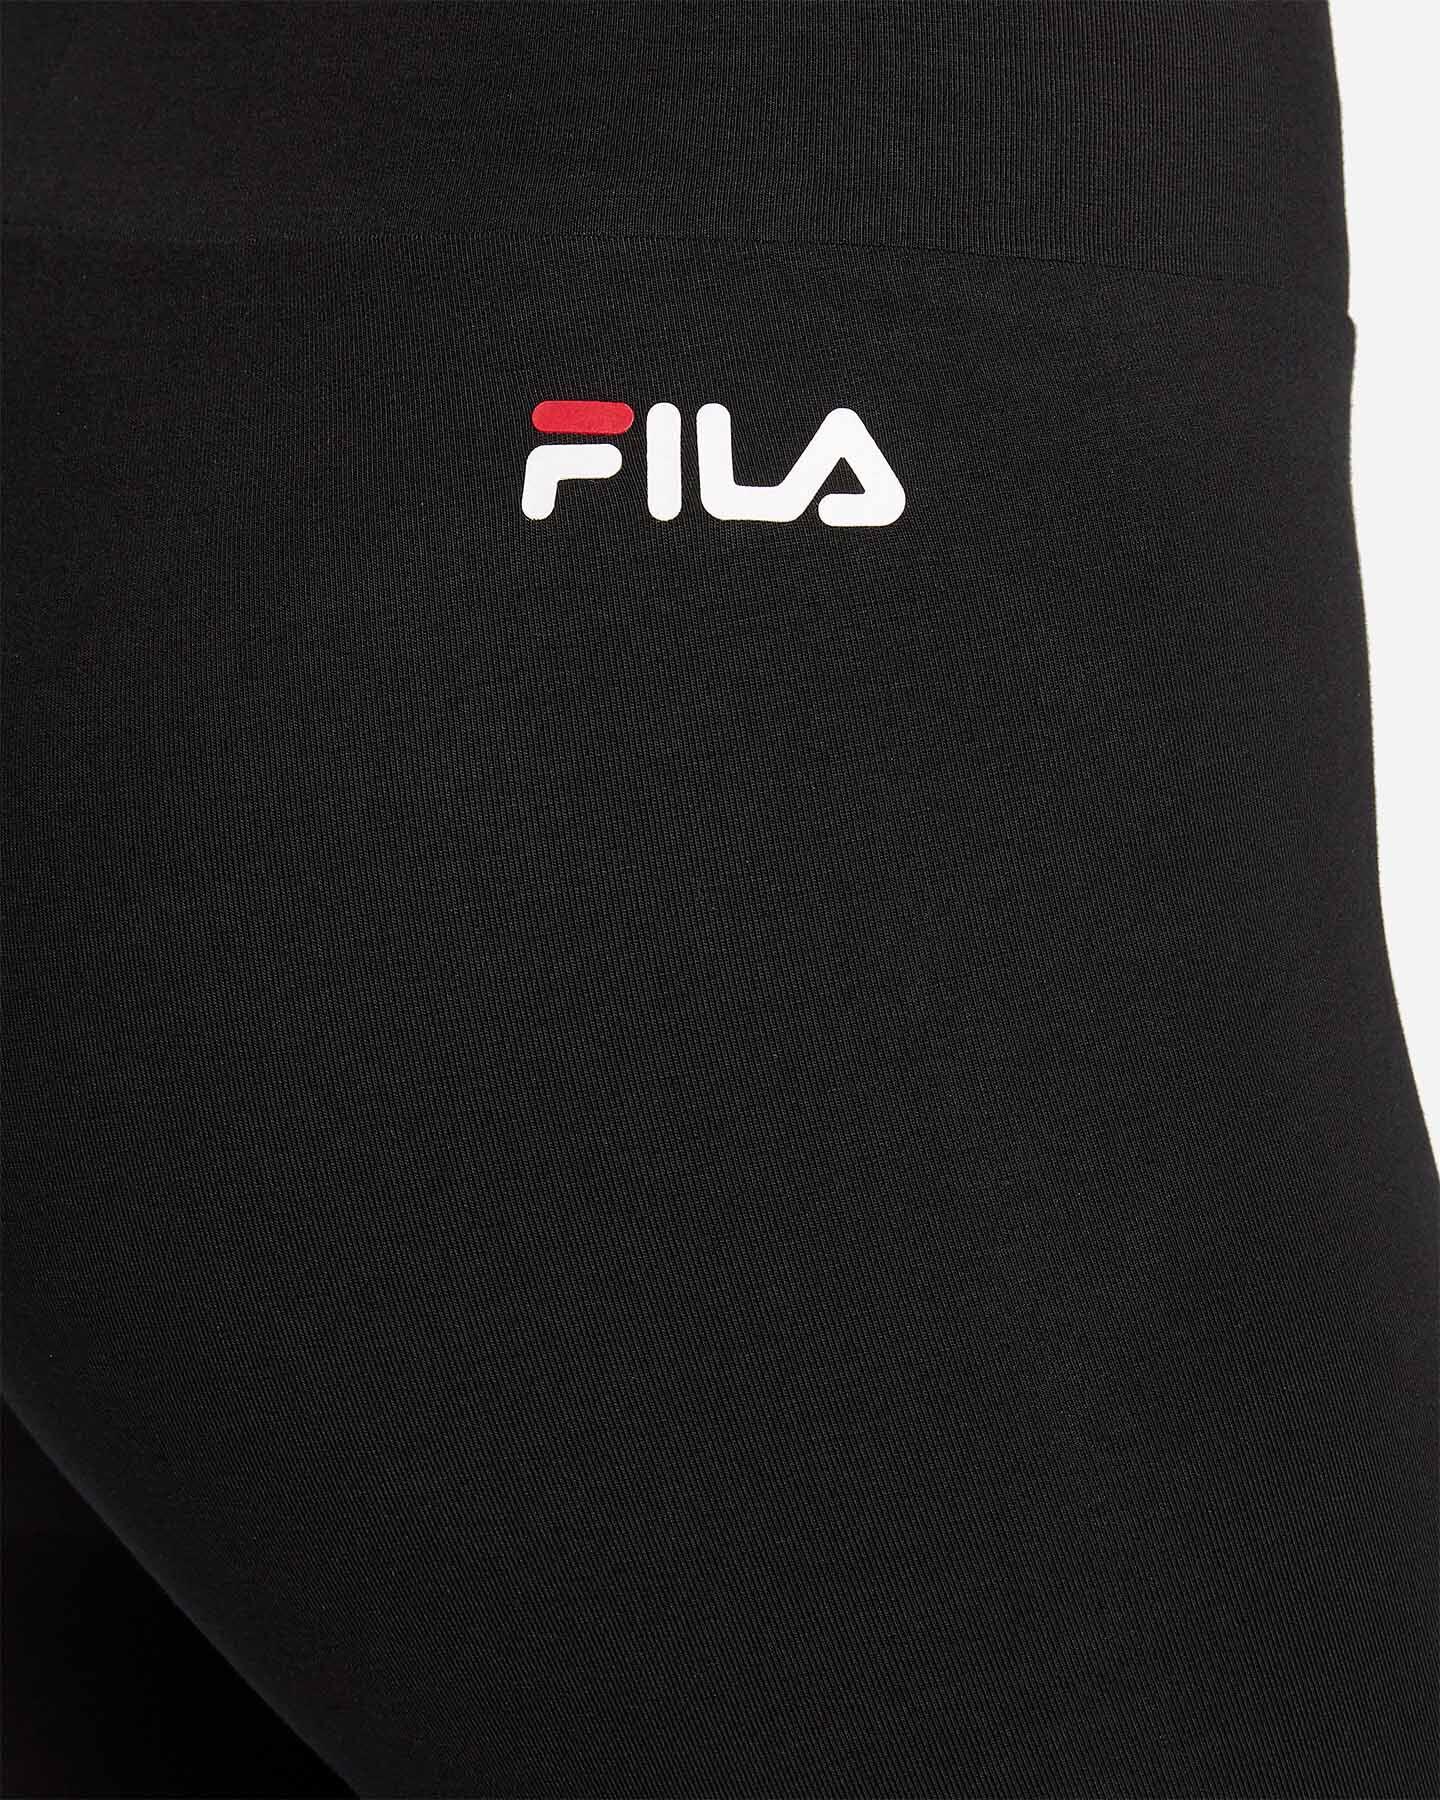 Jeans FILA BASIC W S4067238 scatto 3